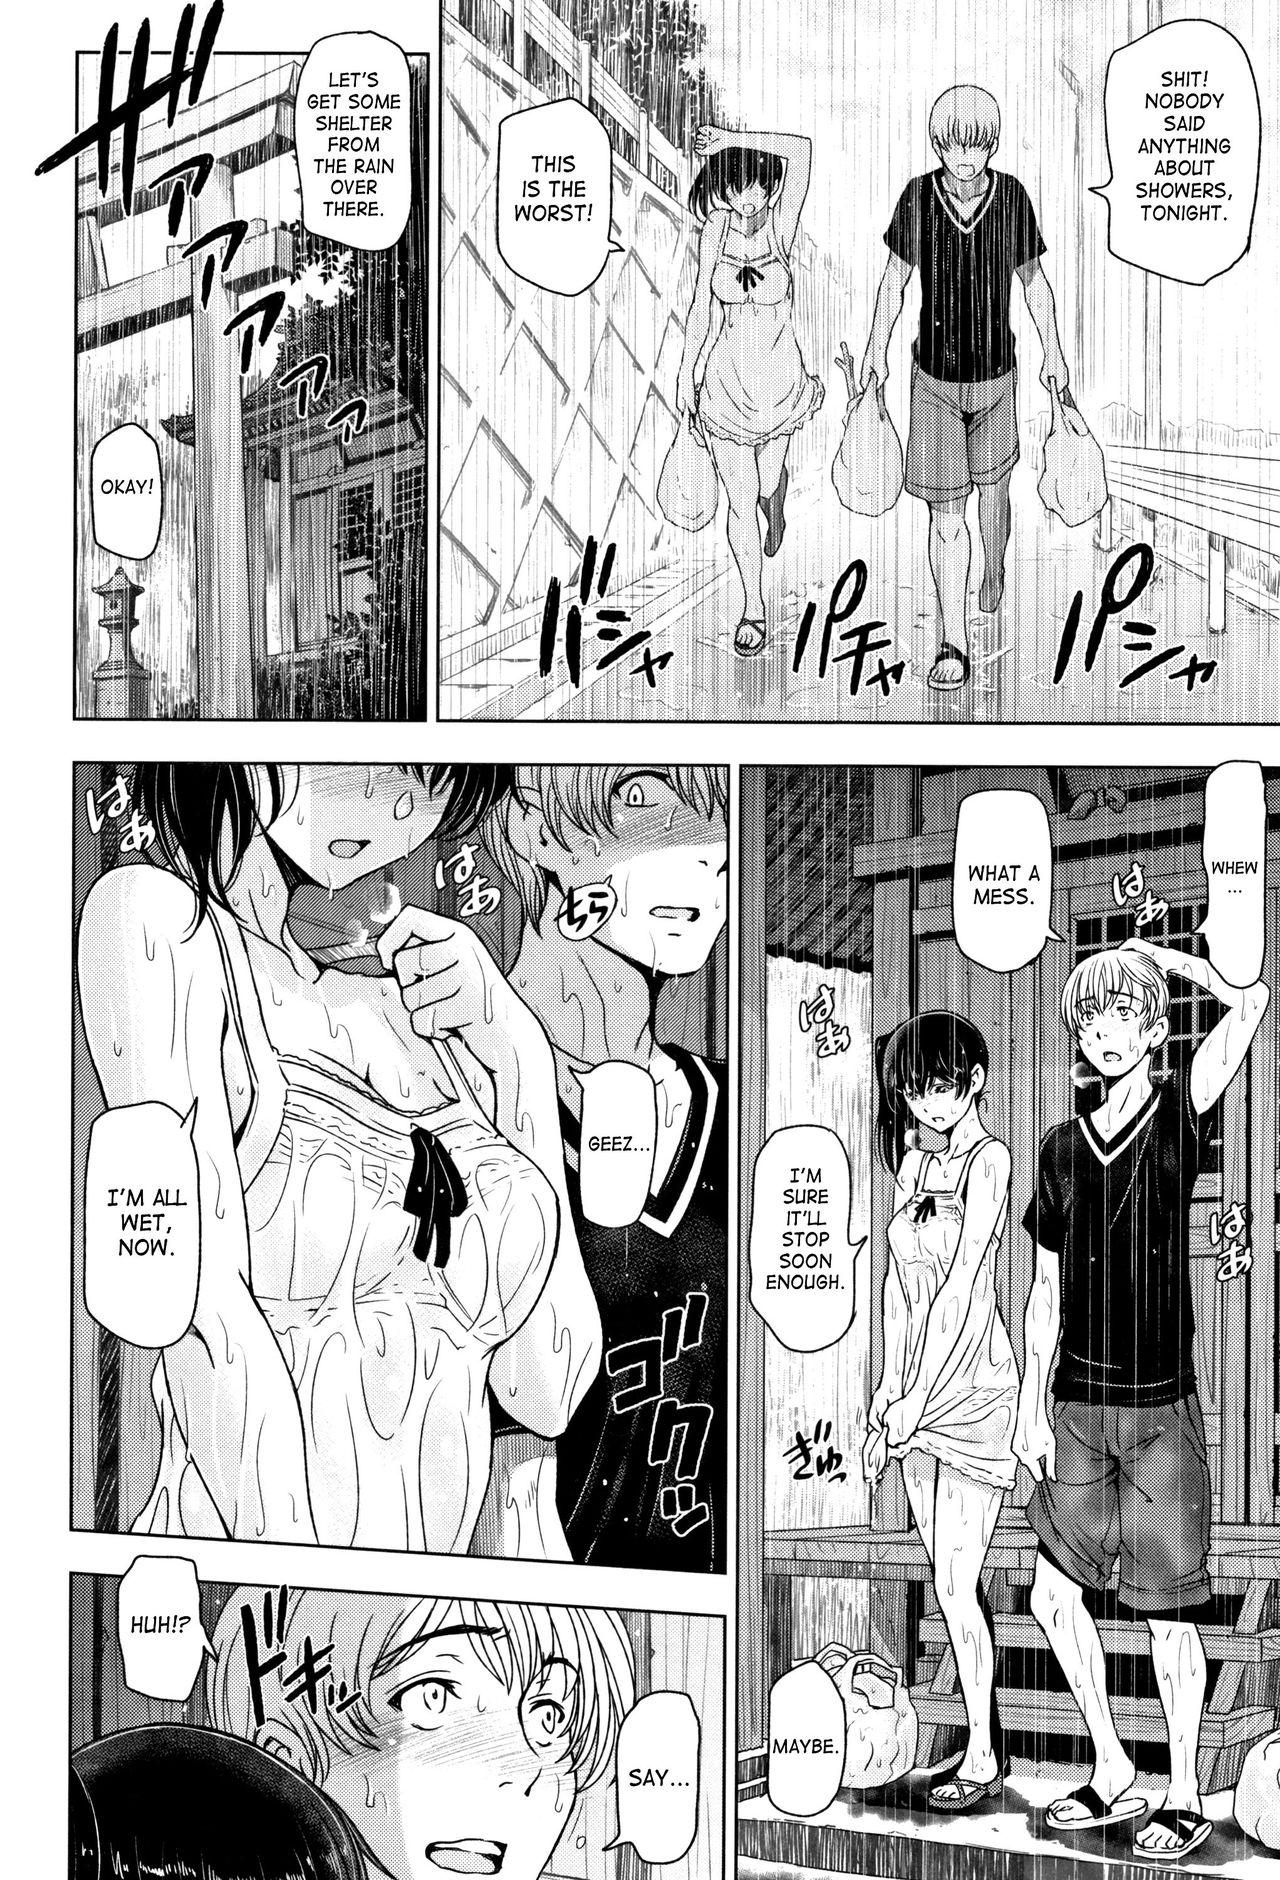 [Sena Youtarou] Natsu-jiru ~Ase ni Mamirete Gucchagucha~ Ch. 2-10 [English] [SaHa + Team Koinaka] 91